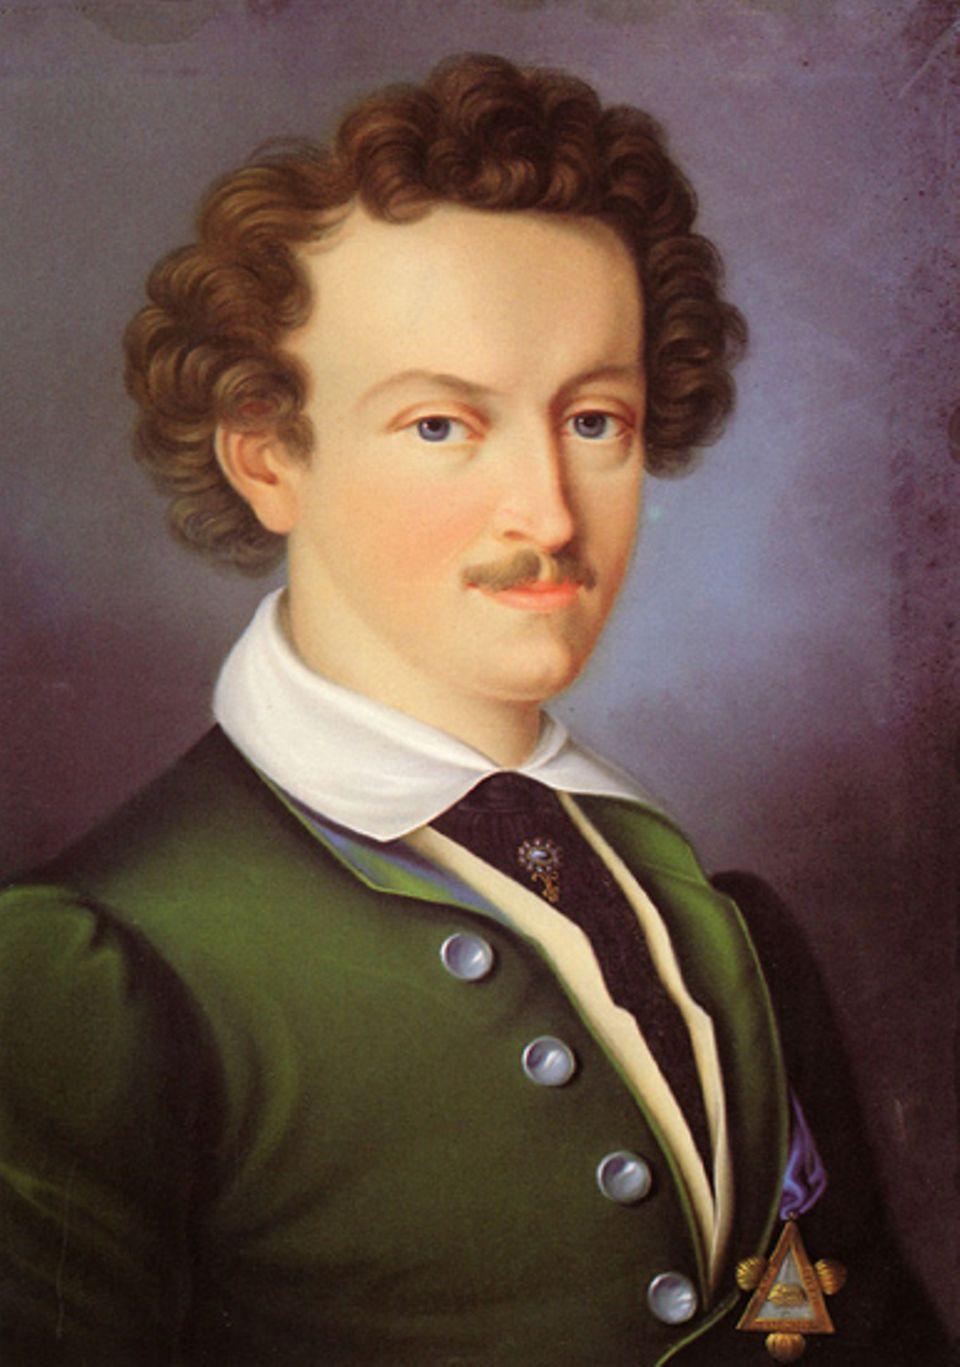 Die deutsche Romantik: Ein unbekannter Künstler hat Georg Büchner um 1830 porträtiert: als jugendlichen Freimaurer